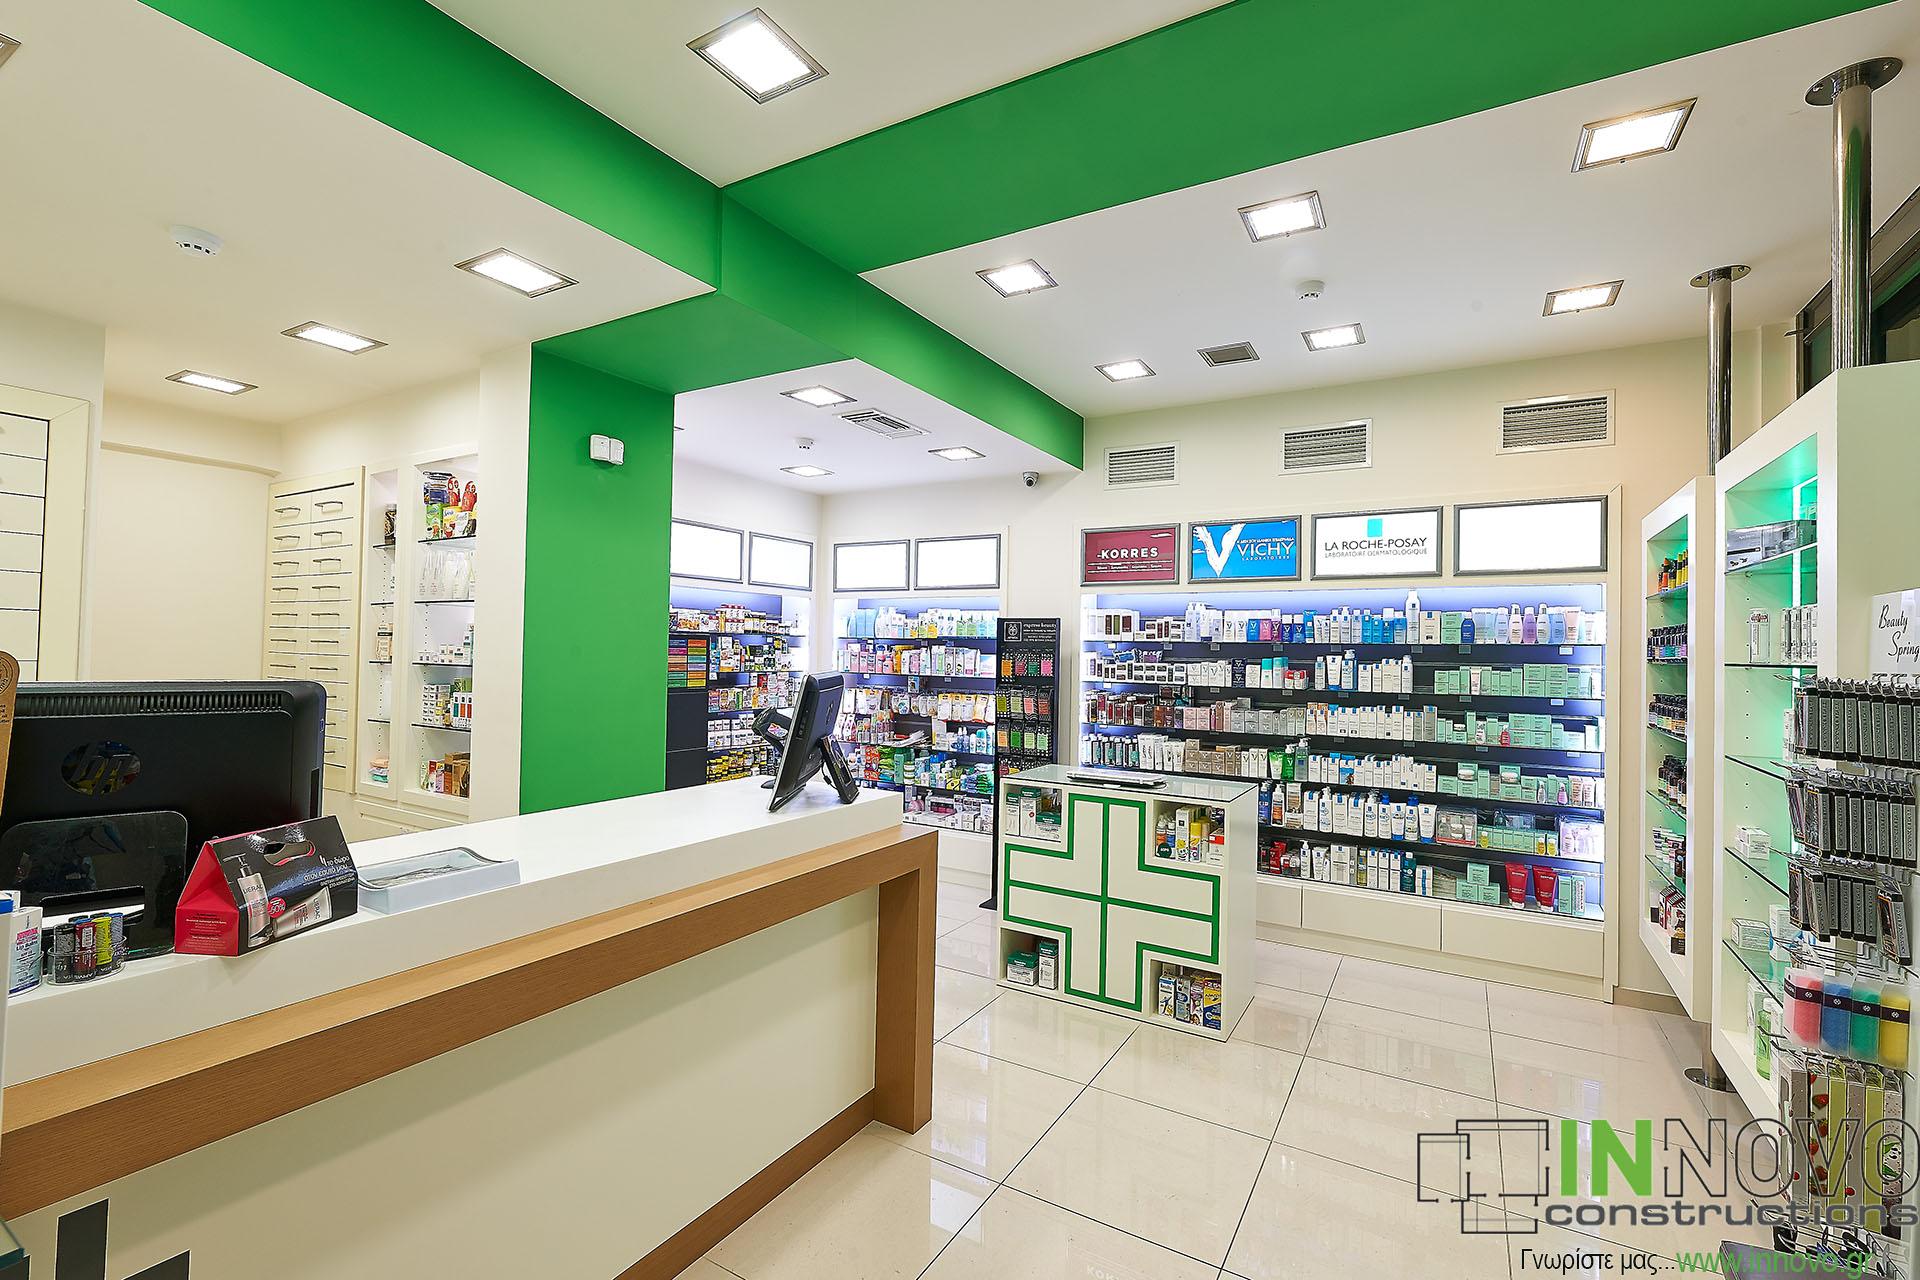 Φαρμακεία υπό κατασκευή περιοχή Κολωνάκι